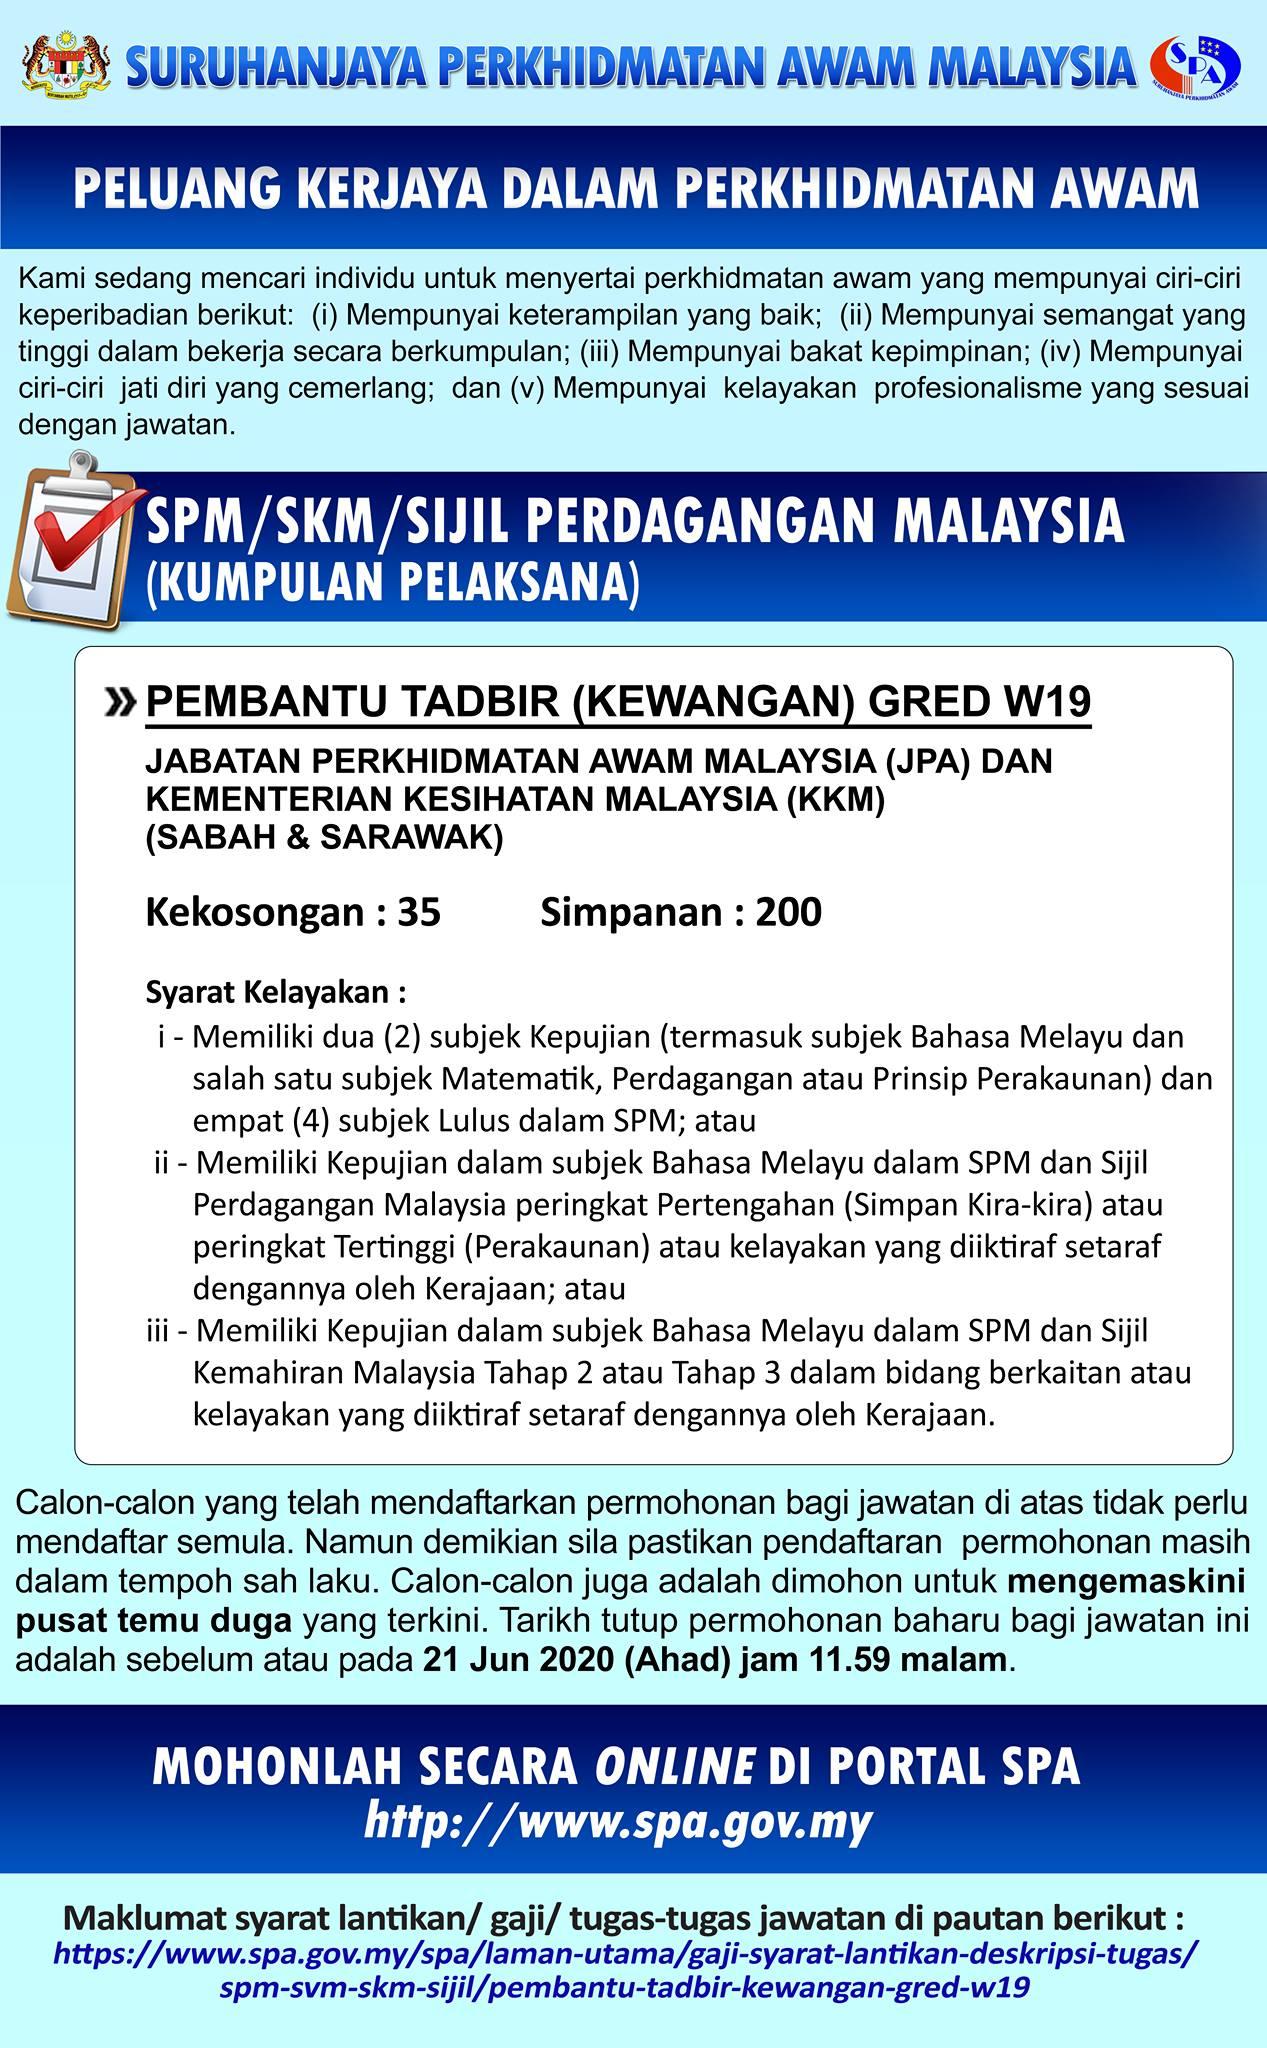 235 Kekosongan Jawatan Sebagai Pembantu Tadbir Kewangan W19 Jpa Kkm Appjawatan Malaysia